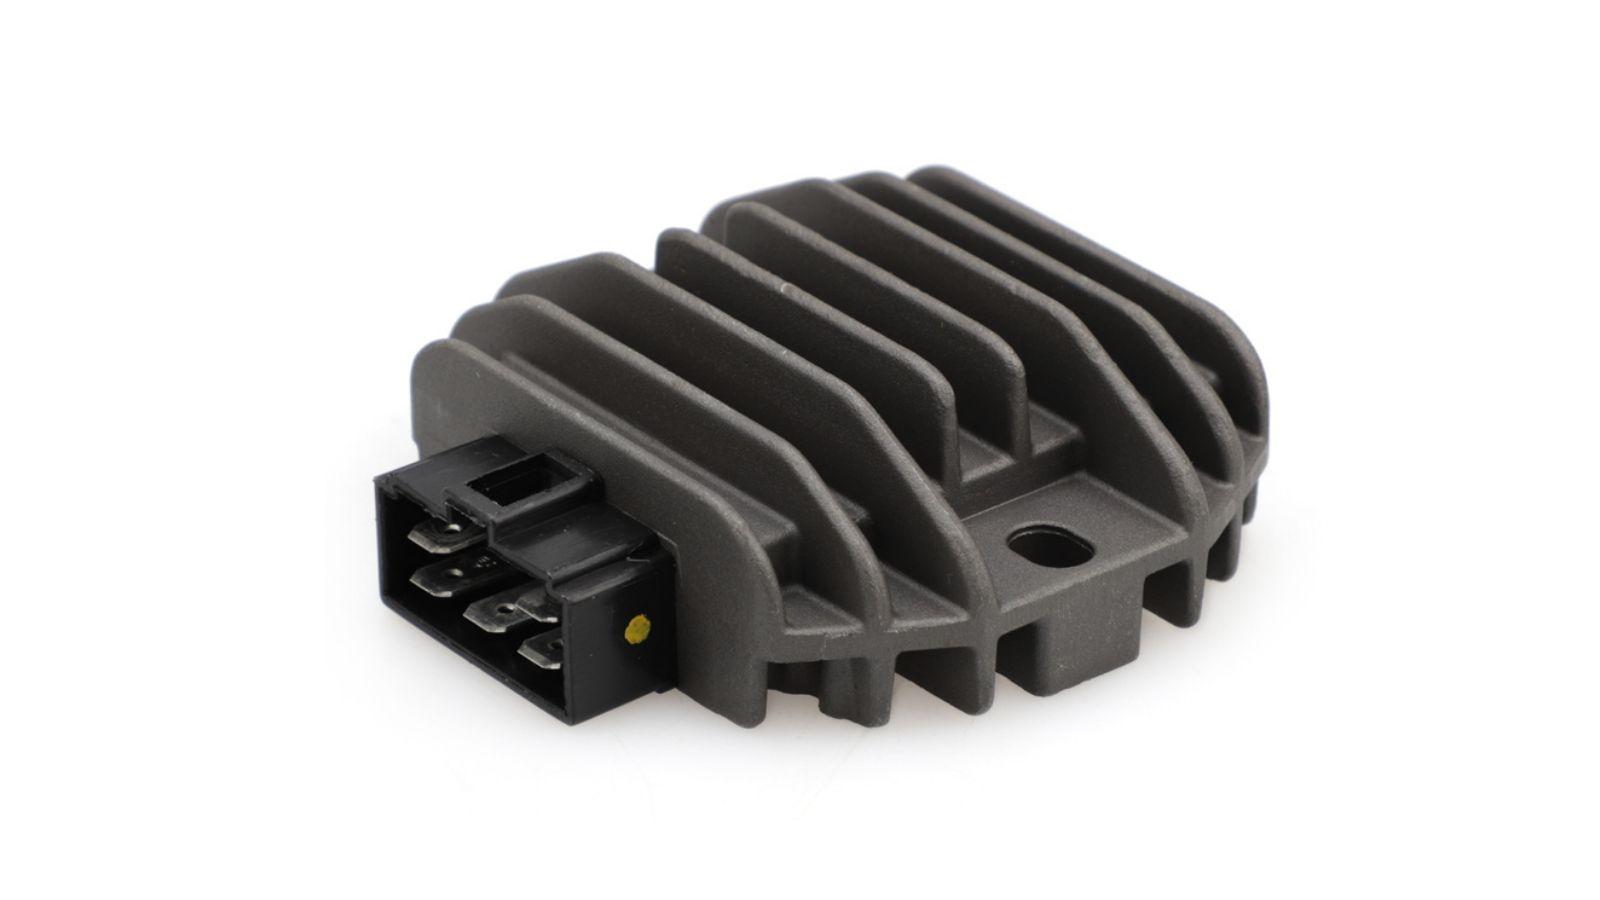 5 Pins Motorcycle Voltage Regulator Motorbike Battery Protector Rectifier